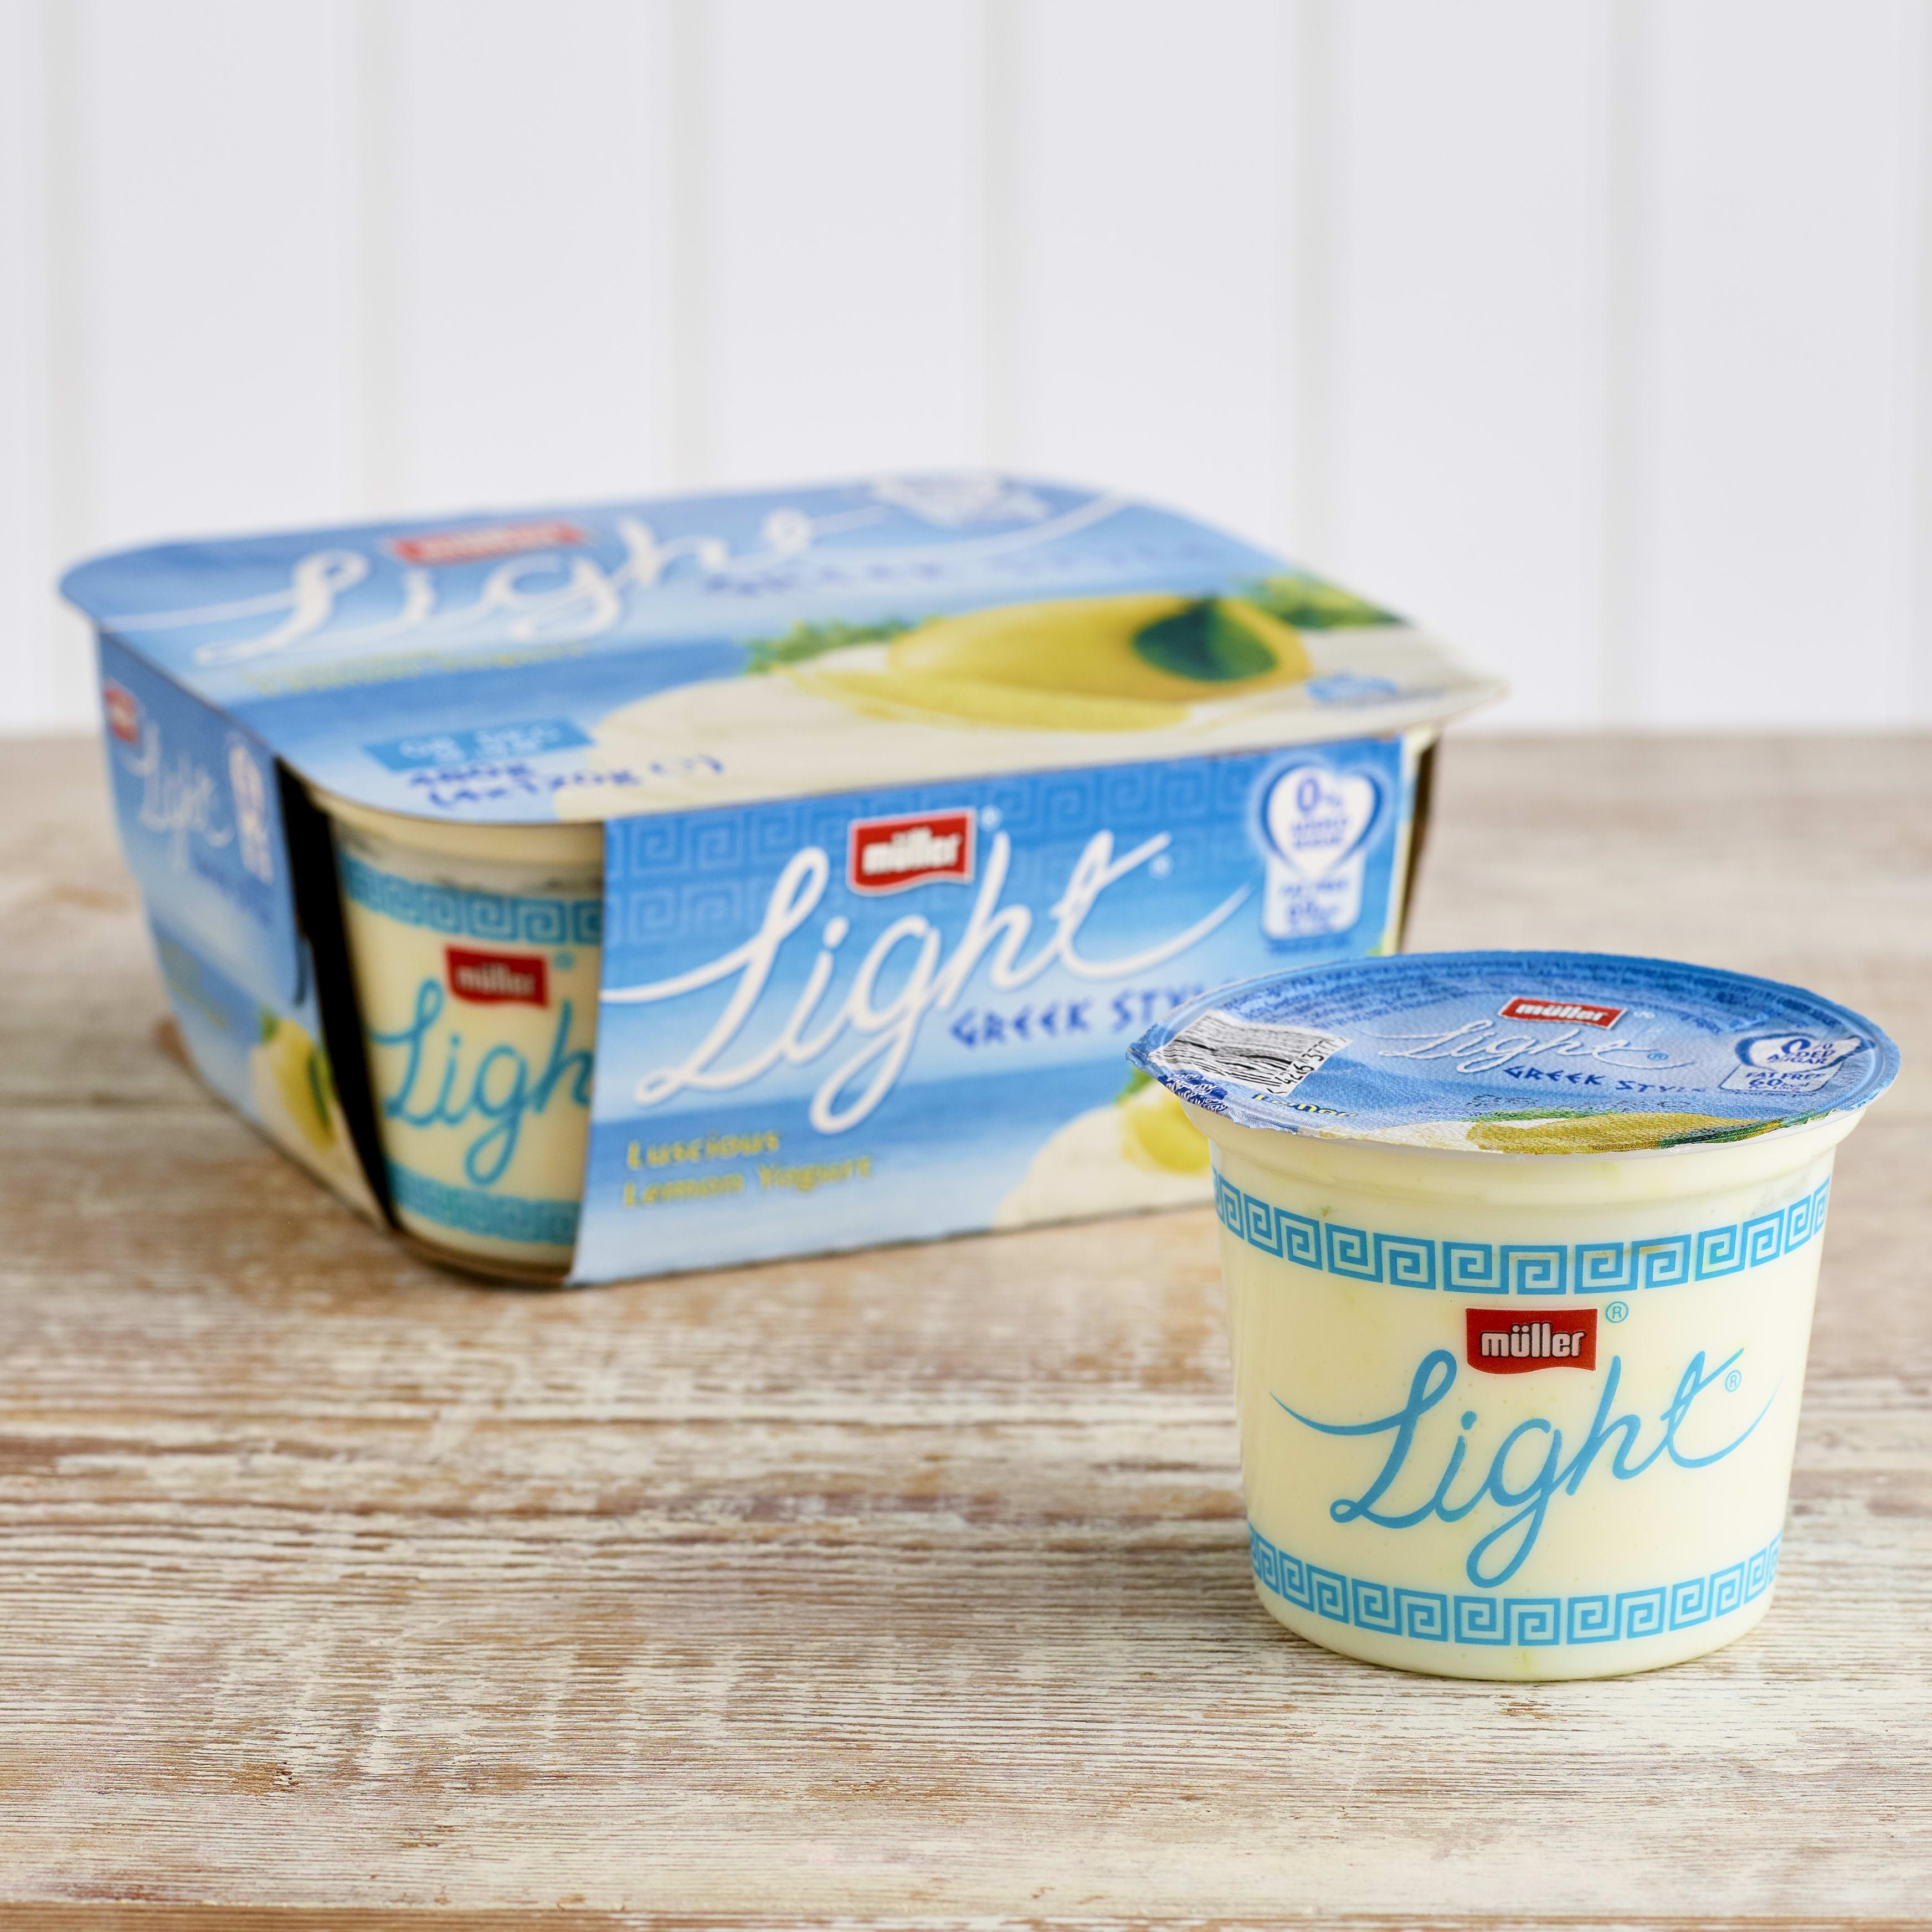 Müllerlight Greek Style Fat Free Lemon Yoghurt, 4 x 120g